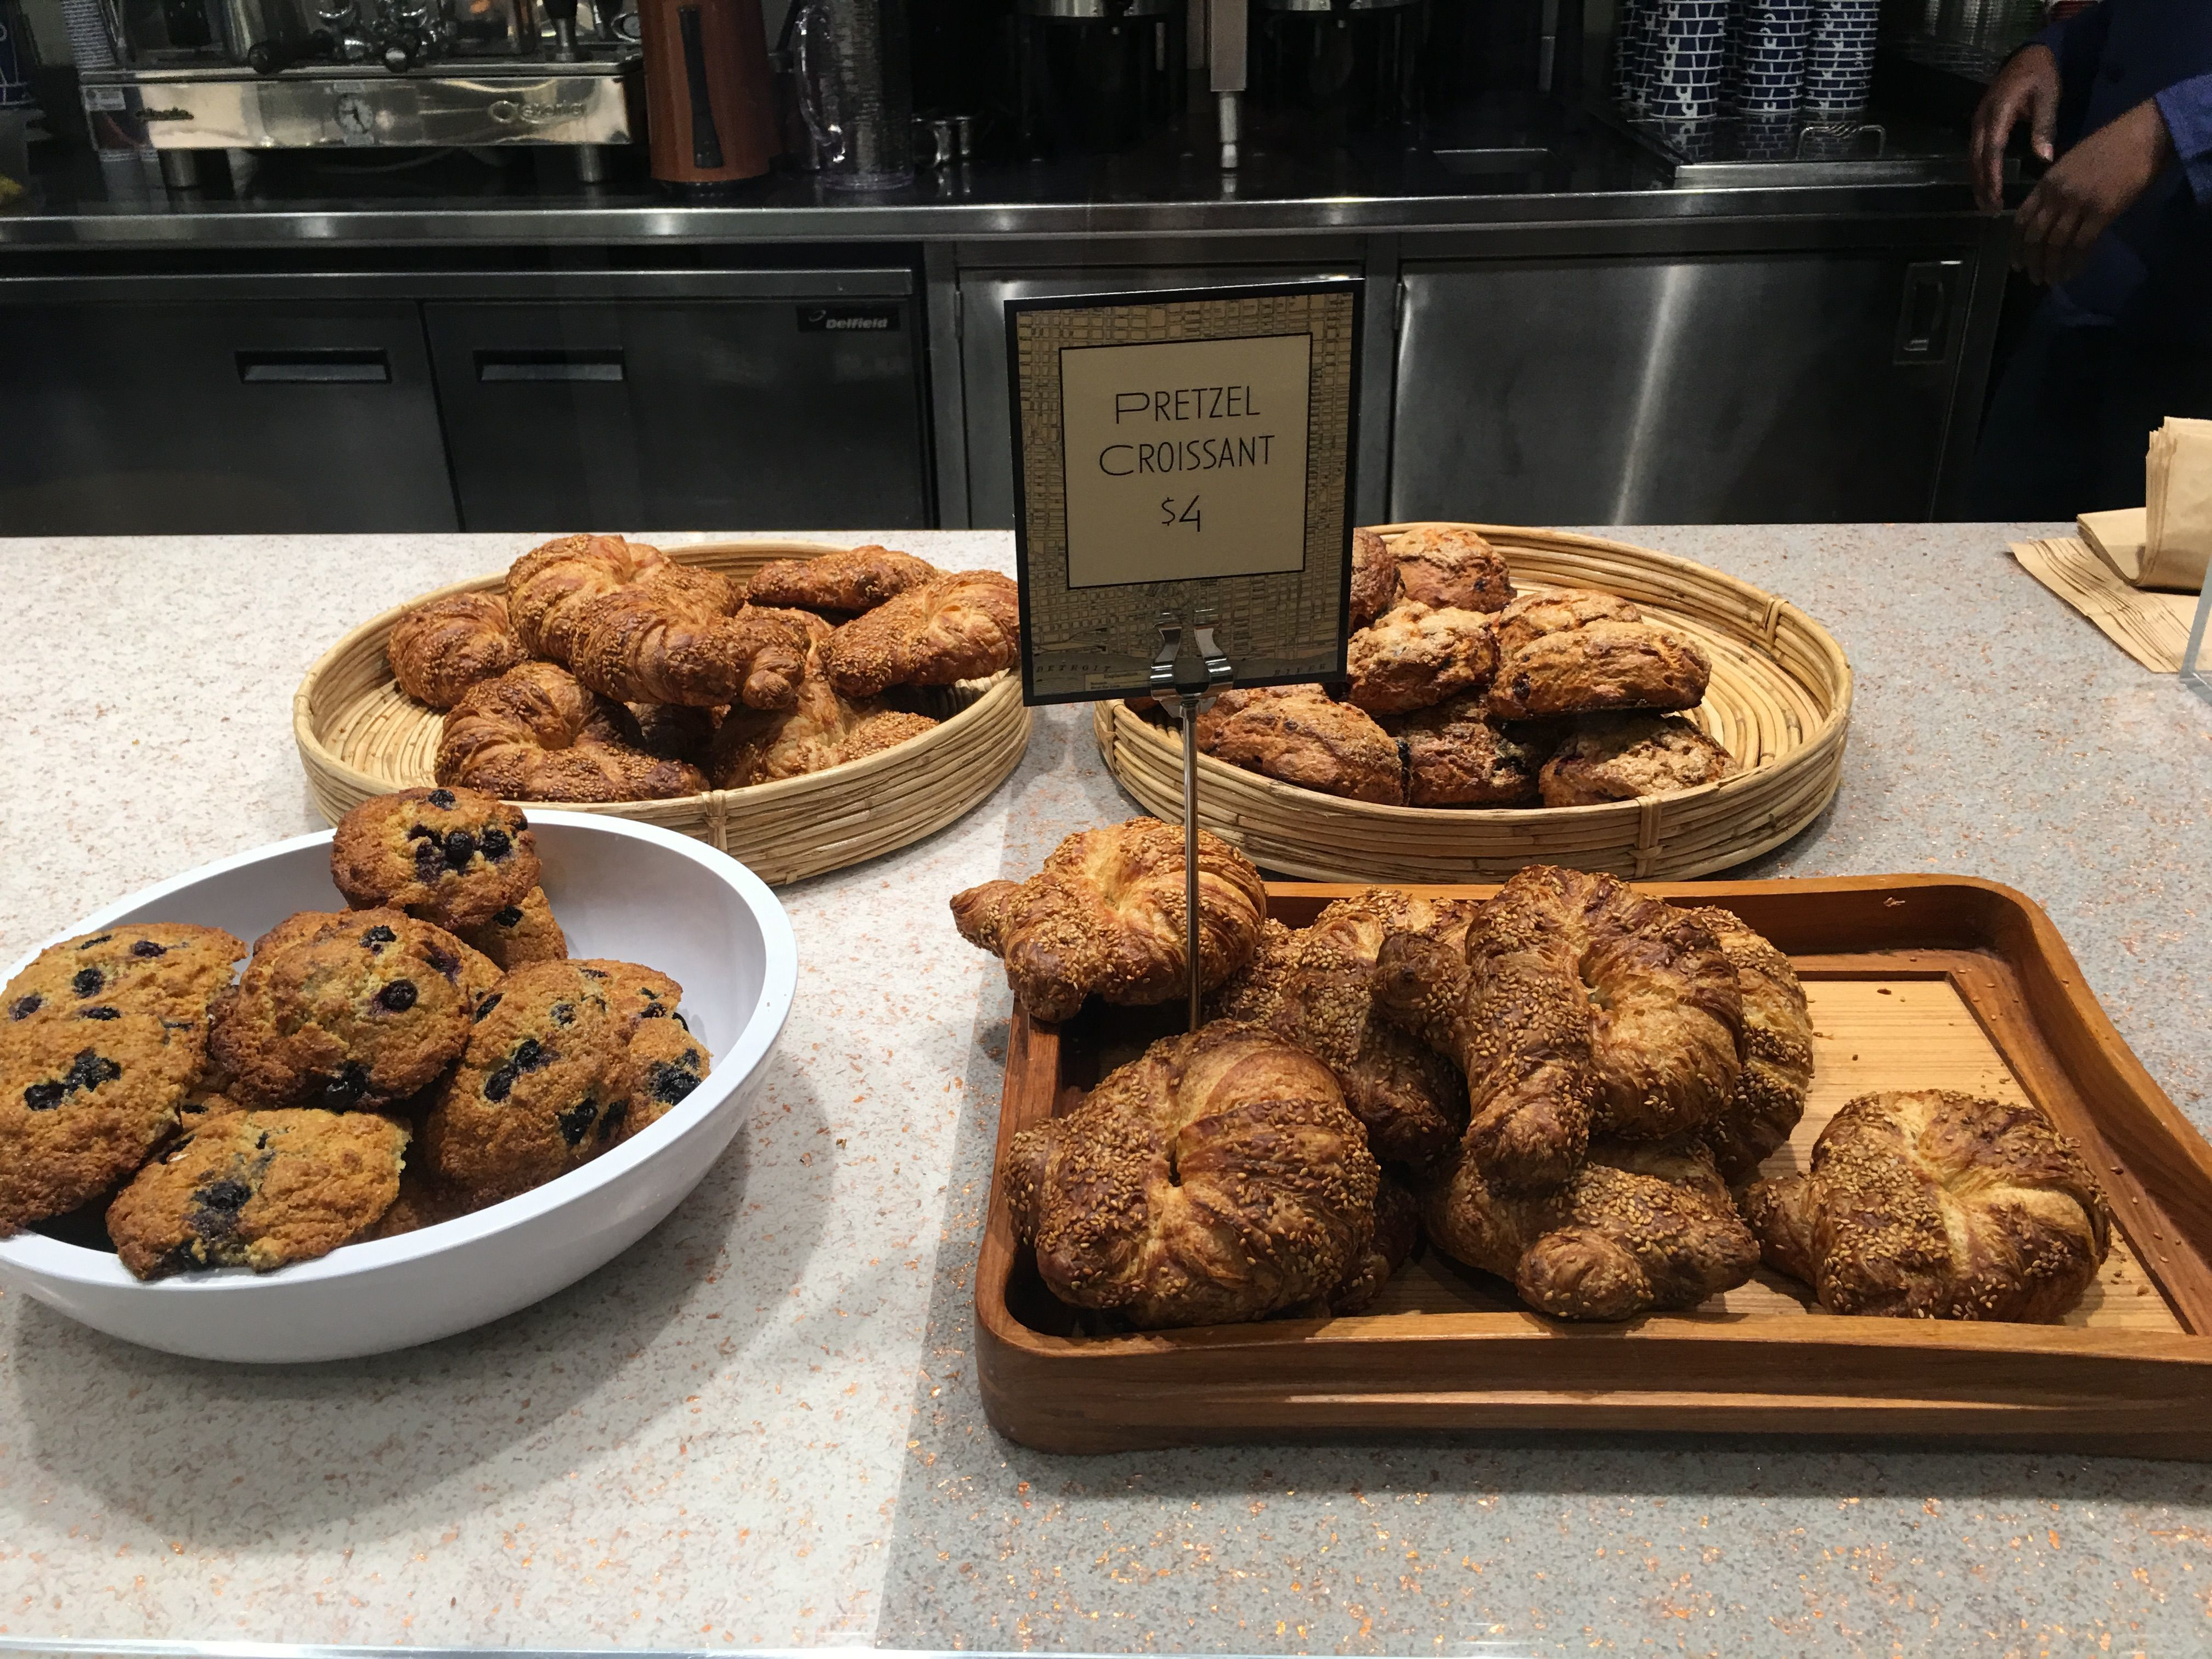 City Bakery has a plenty of baked goods including pretzel croissants.